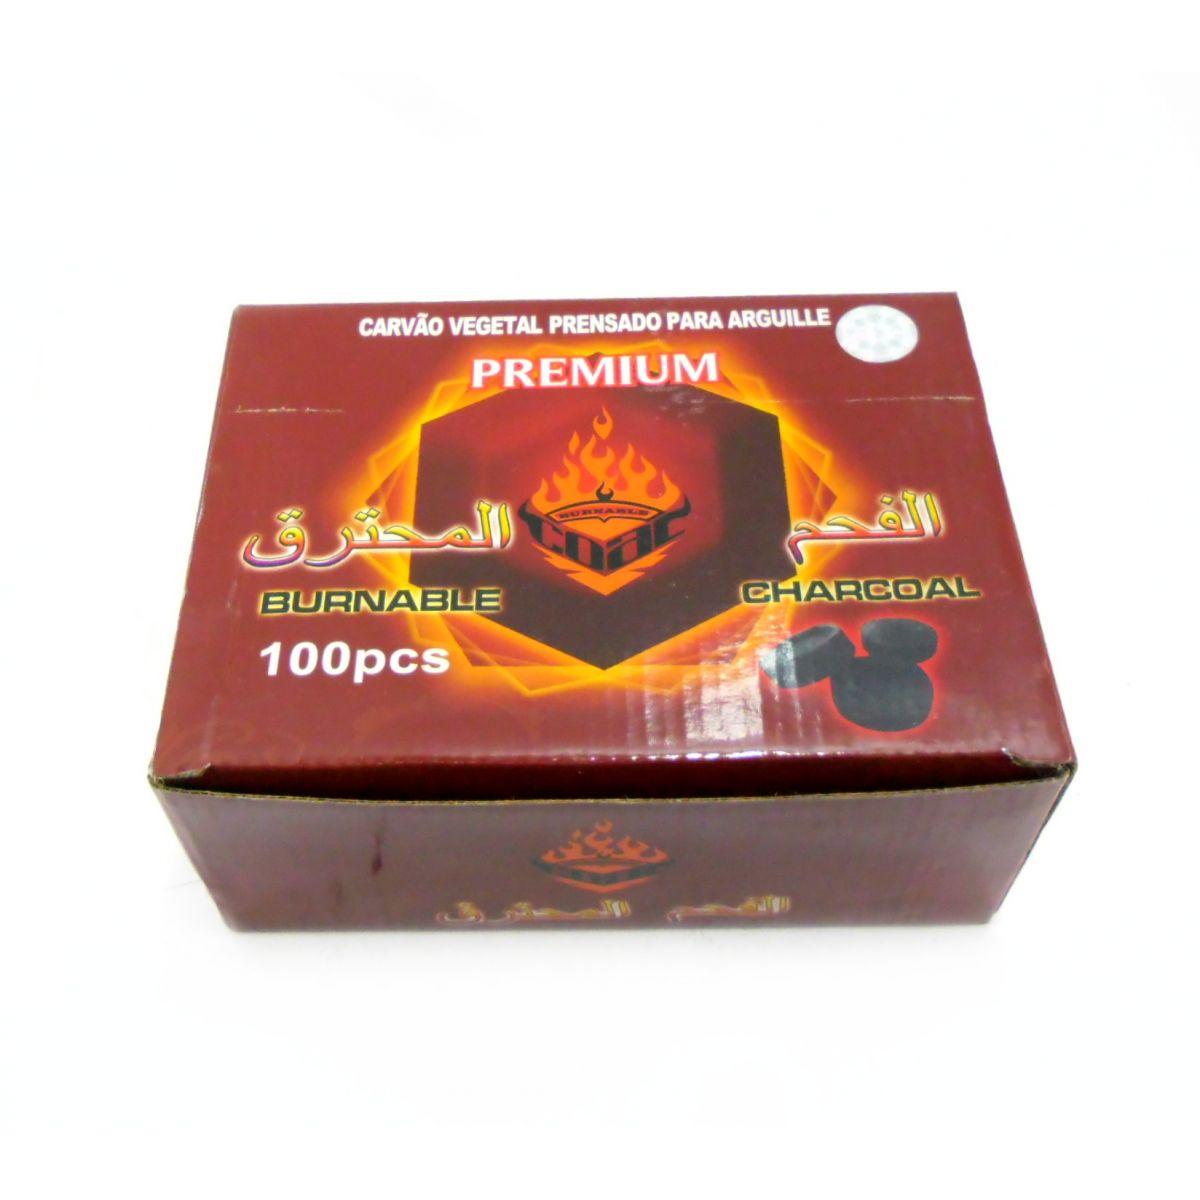 Carvão para Narguile BURNABLE PREMIUM acendimento rápido c/ pólvora - CAIXA 100 unidades